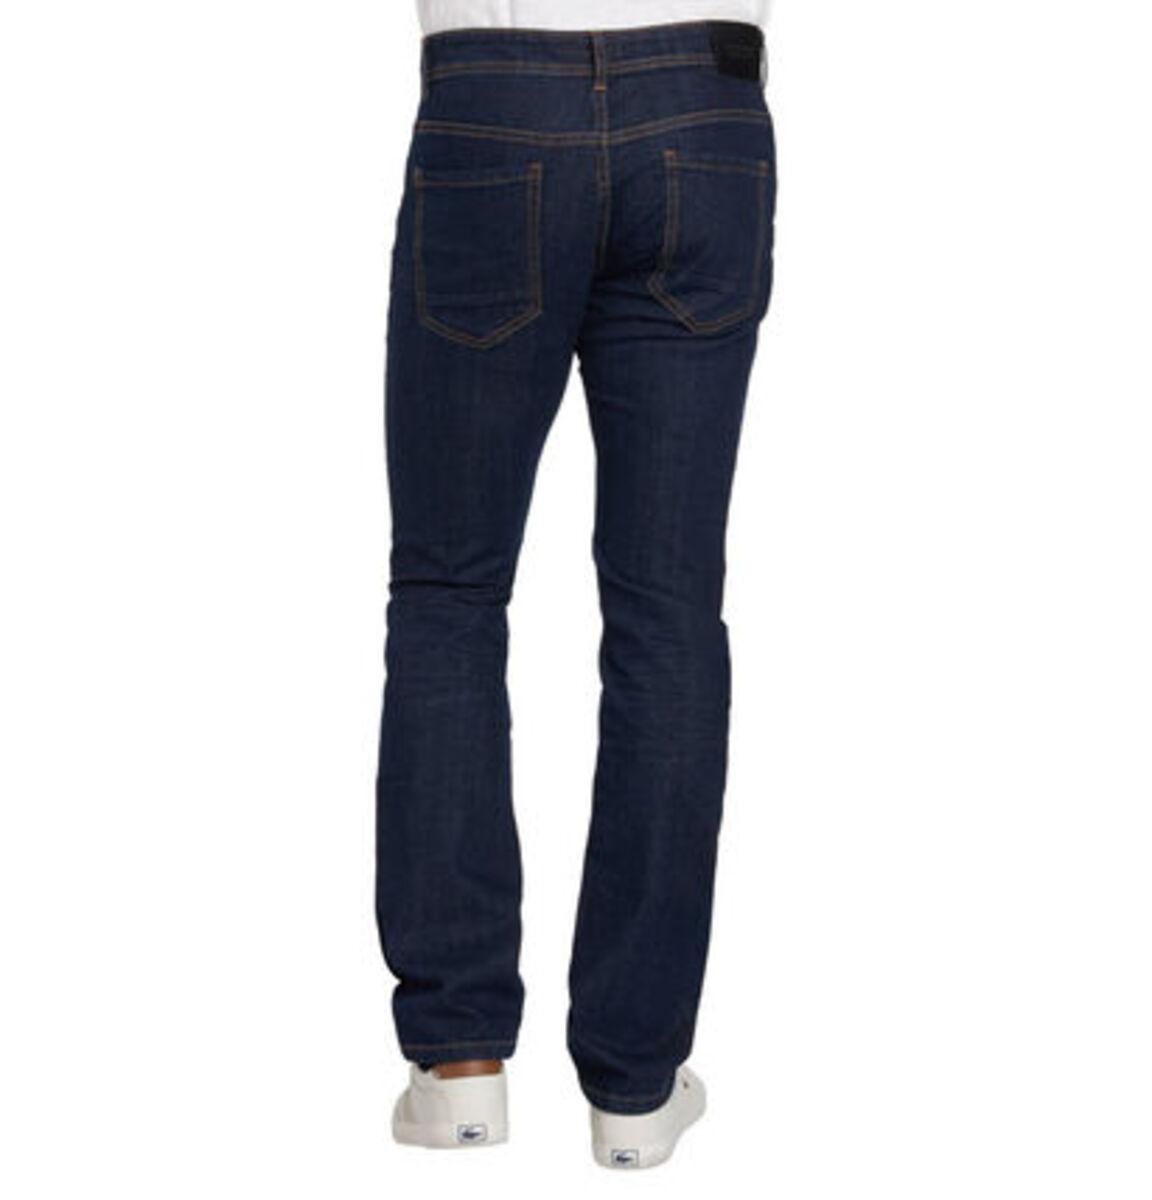 Bild 3 von MANGUUN Jeans, 1/1, Slim Fit, Waschung, für Herren